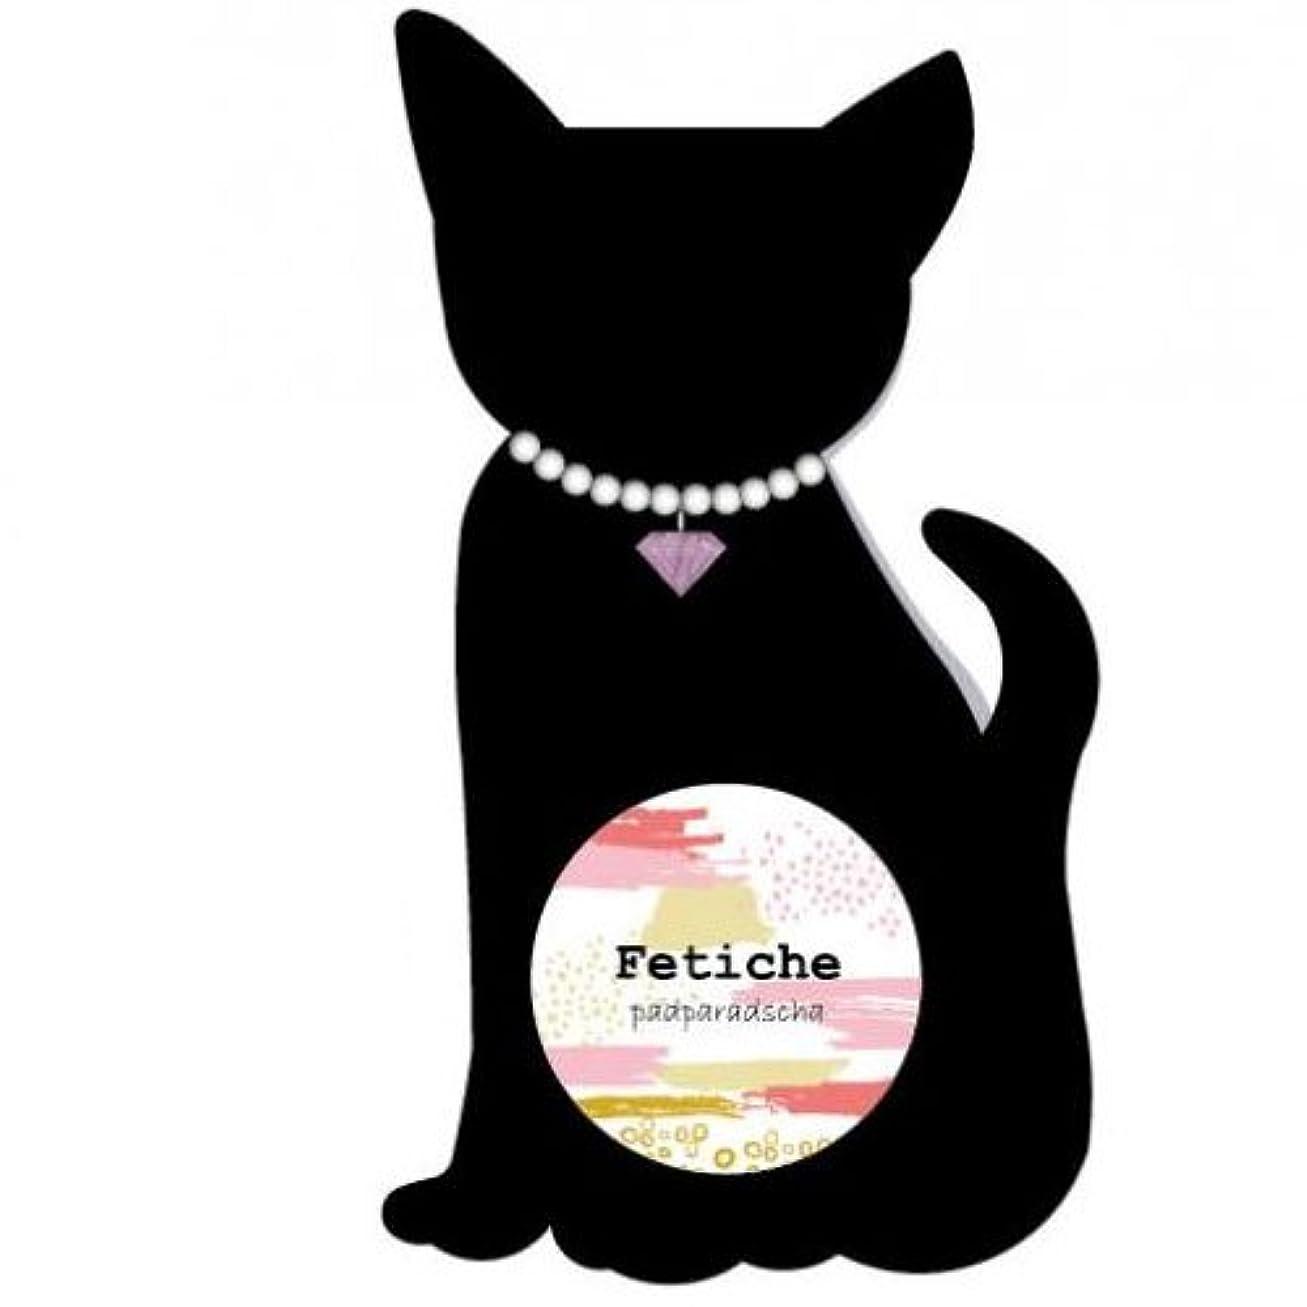 キャベツ独立したおめでとうFetiche(フェティチェ) フレグランスヘア&保湿クリーム 10g パパラチア(フレッシュフローラル)